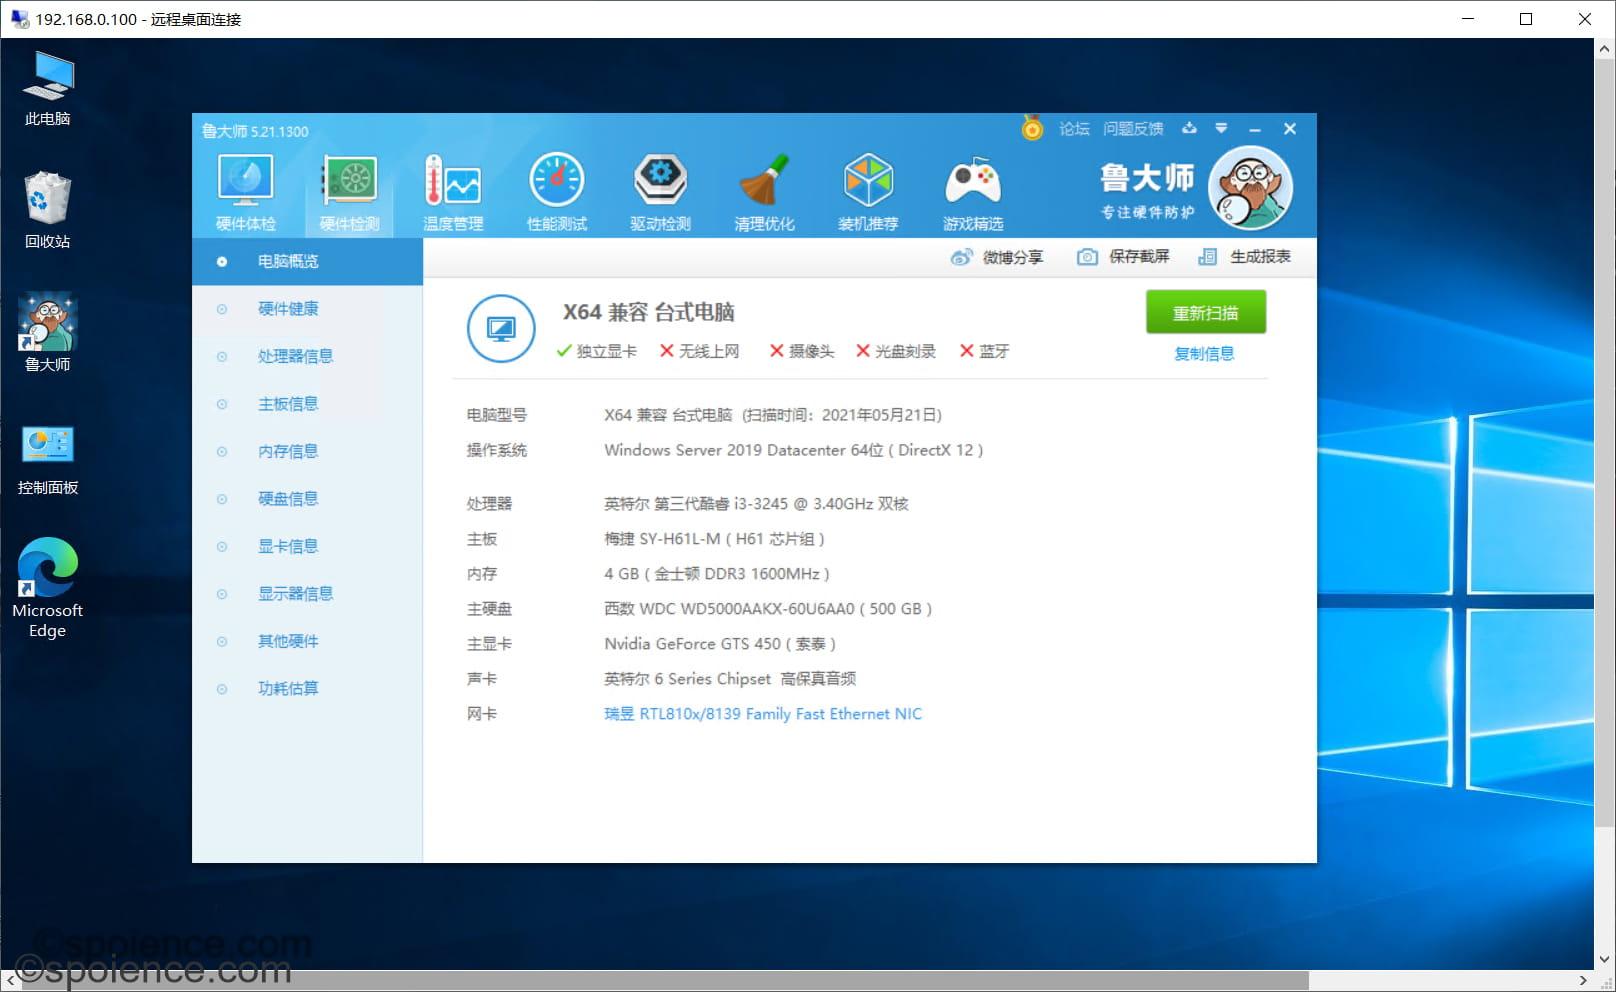 局域网远程桌面访问